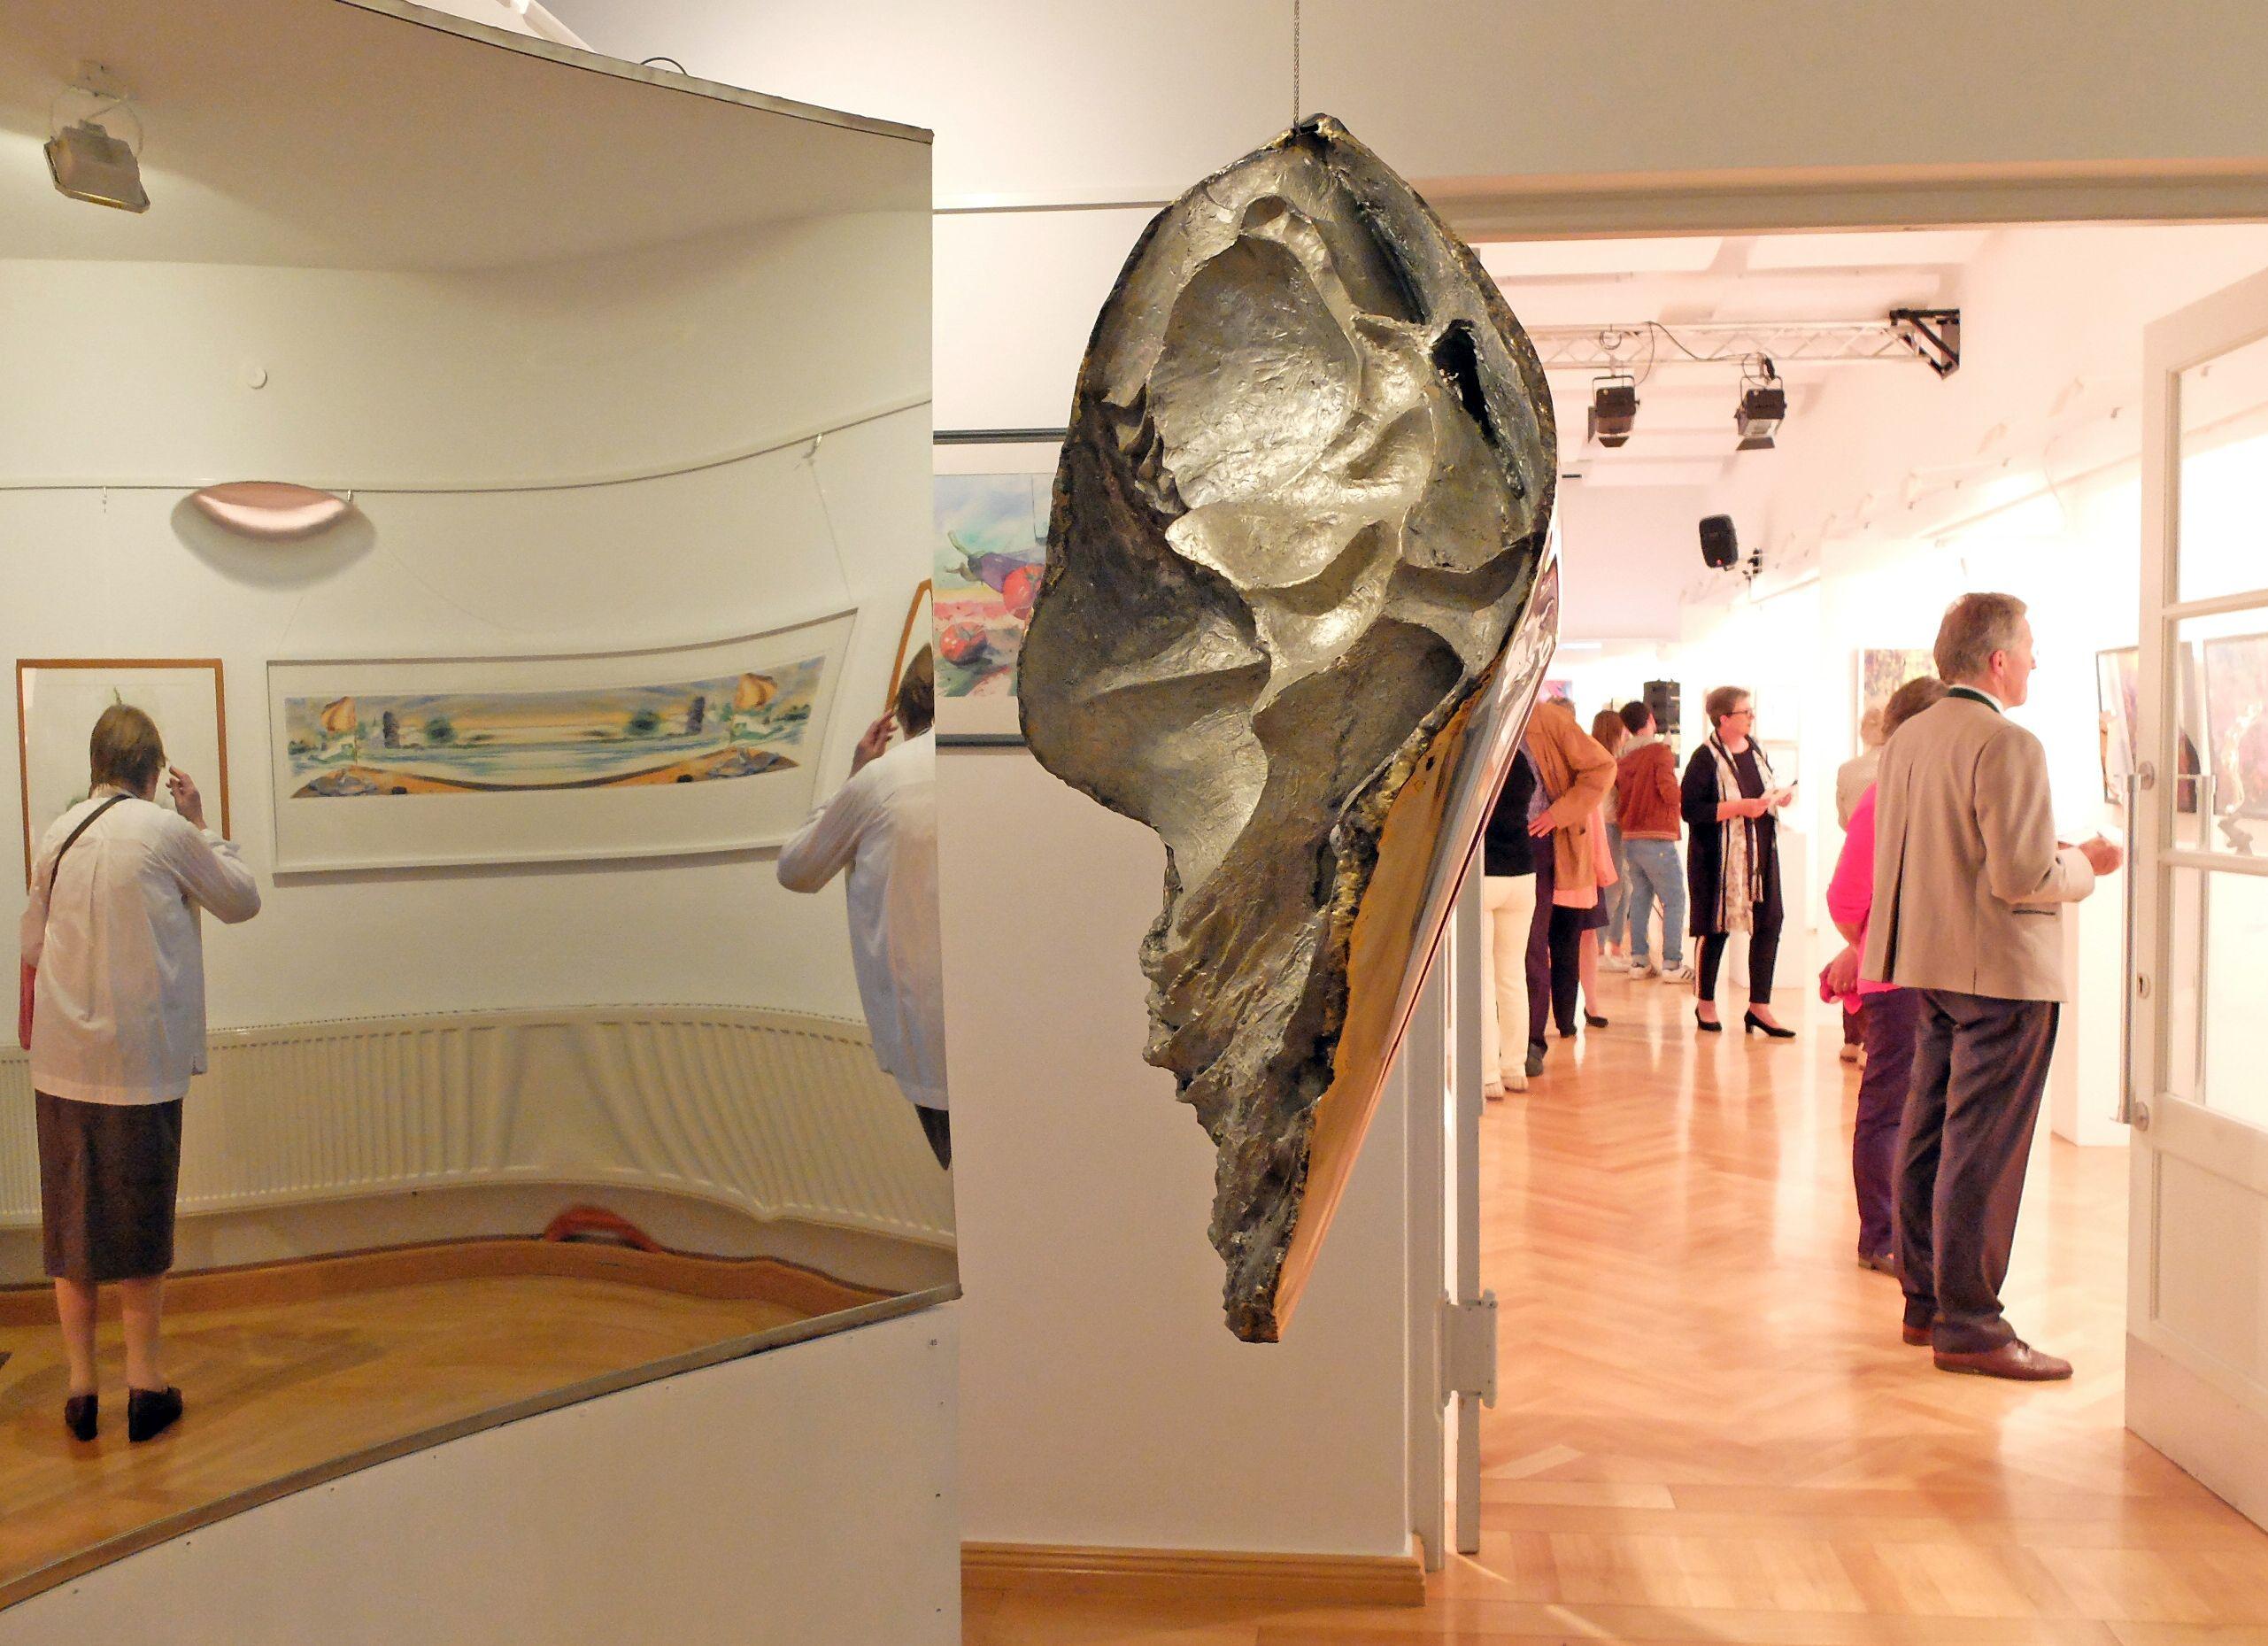 69. Tegernseer Kunstausstellung im E-Werk - Antonia Leitners Spiegelinstallation spielt mit der Wahrnehmung - und lädt zum Austausch ein